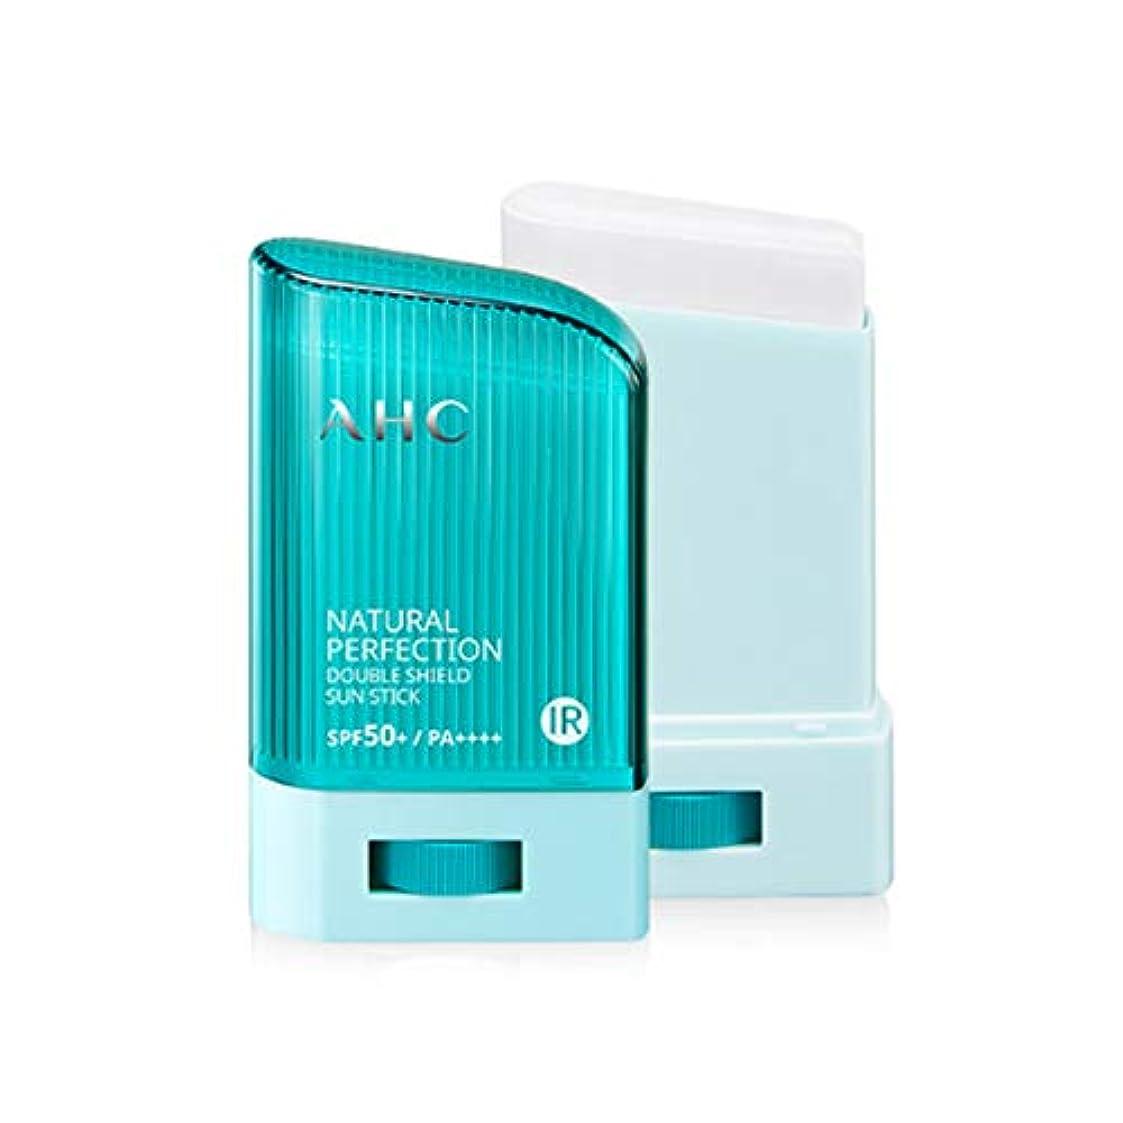 販売員誘惑するふざけたAHC ナチュラルパーフェクションダブルシールドサンスティック ブルー Natural Perfection Double Shield Sun Stick BLUE [並行輸入品] (22g)